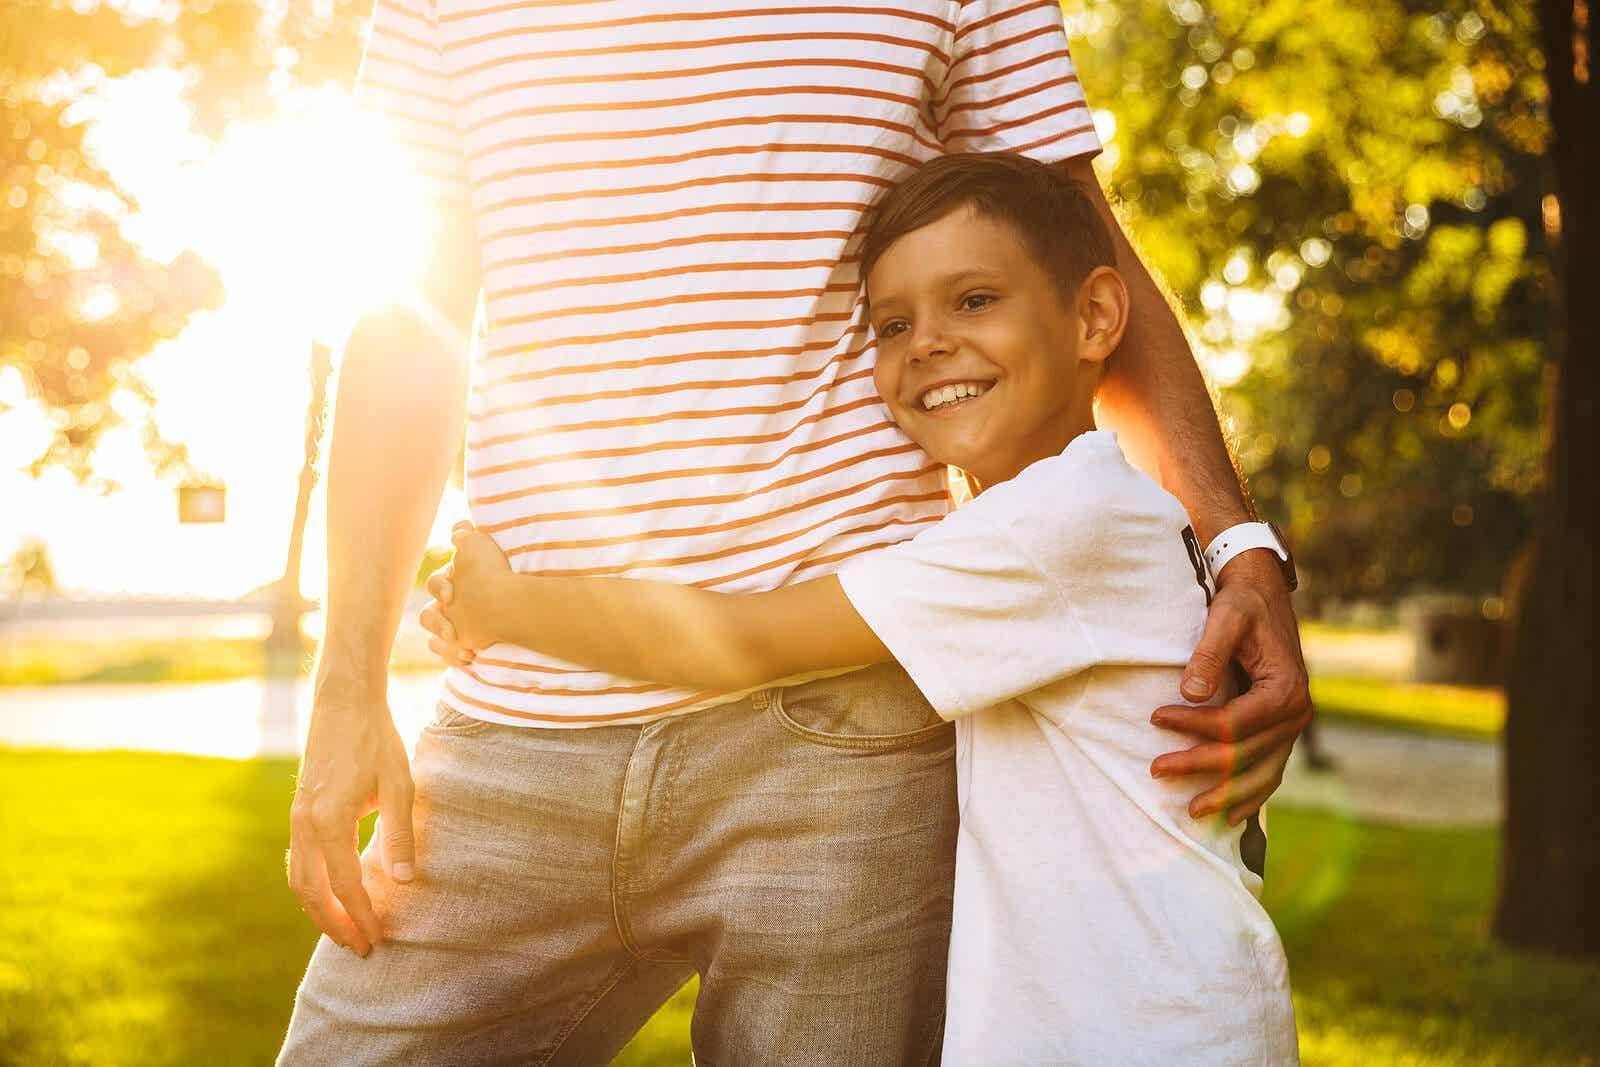 Een gelukkige en zelfverzekerde jongen die de taille van zijn vader omhelst.